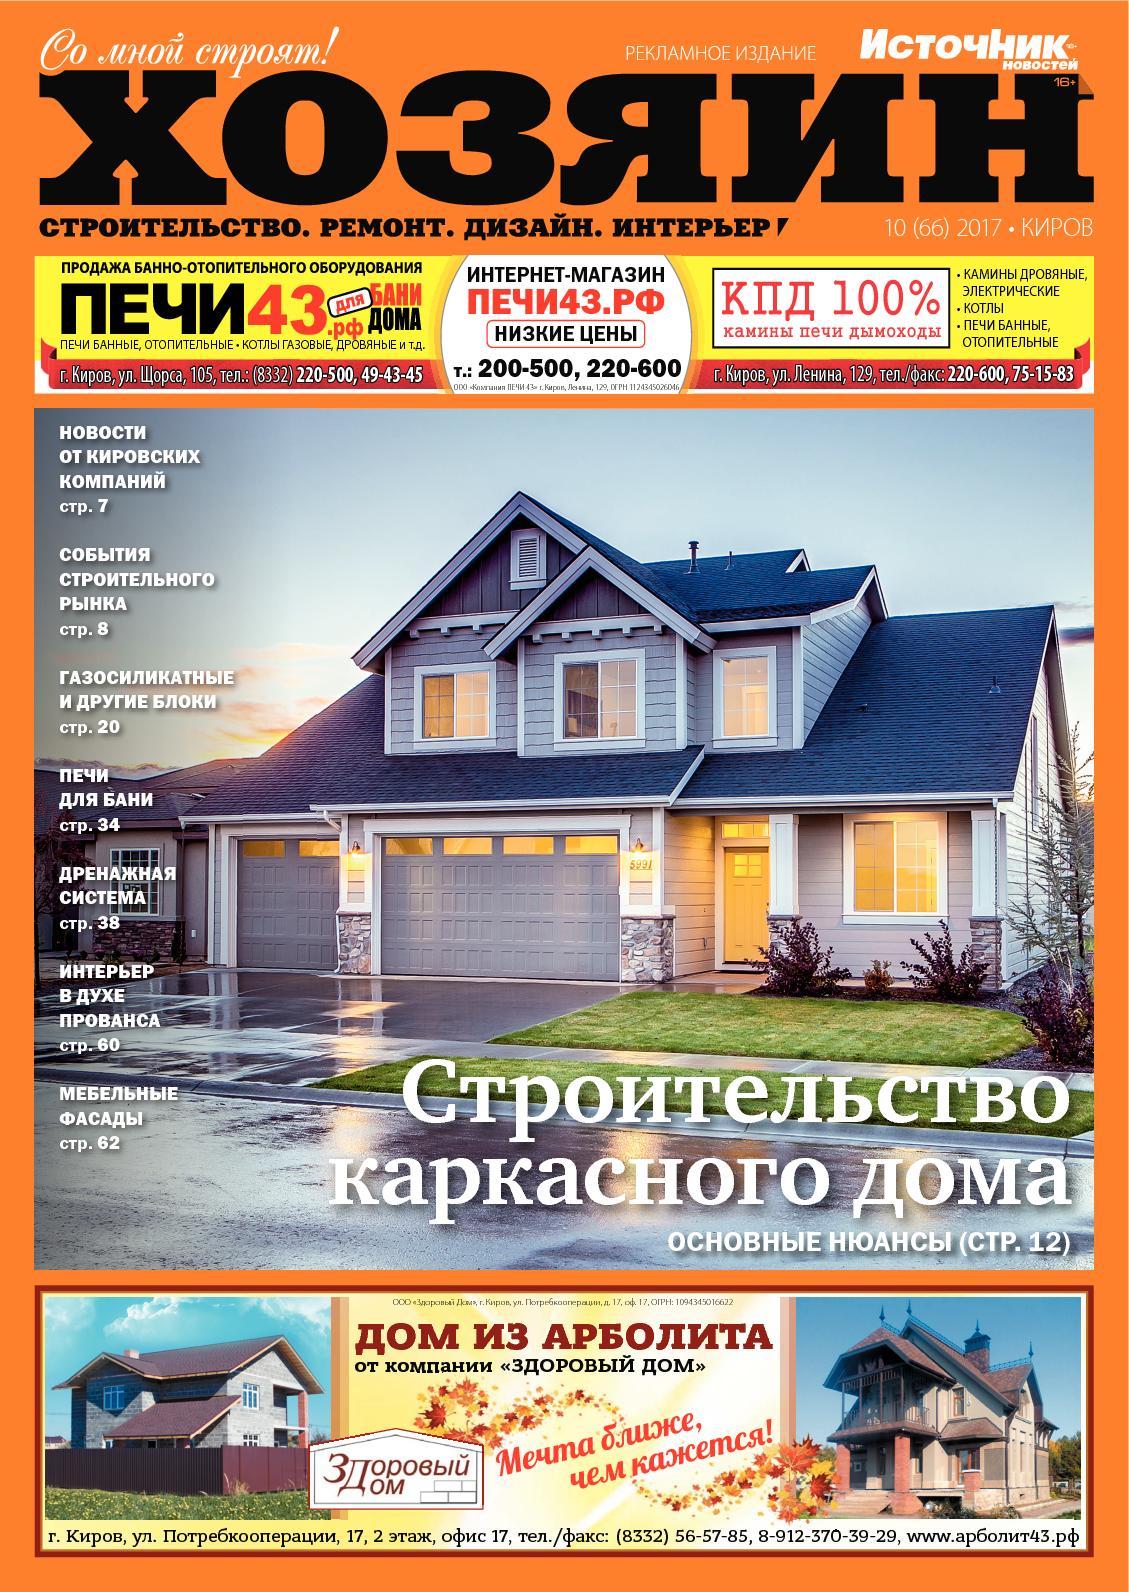 Получение ТУ от энергетической компании в Кирова проезд документы для подключения электричества в Тарусская улица